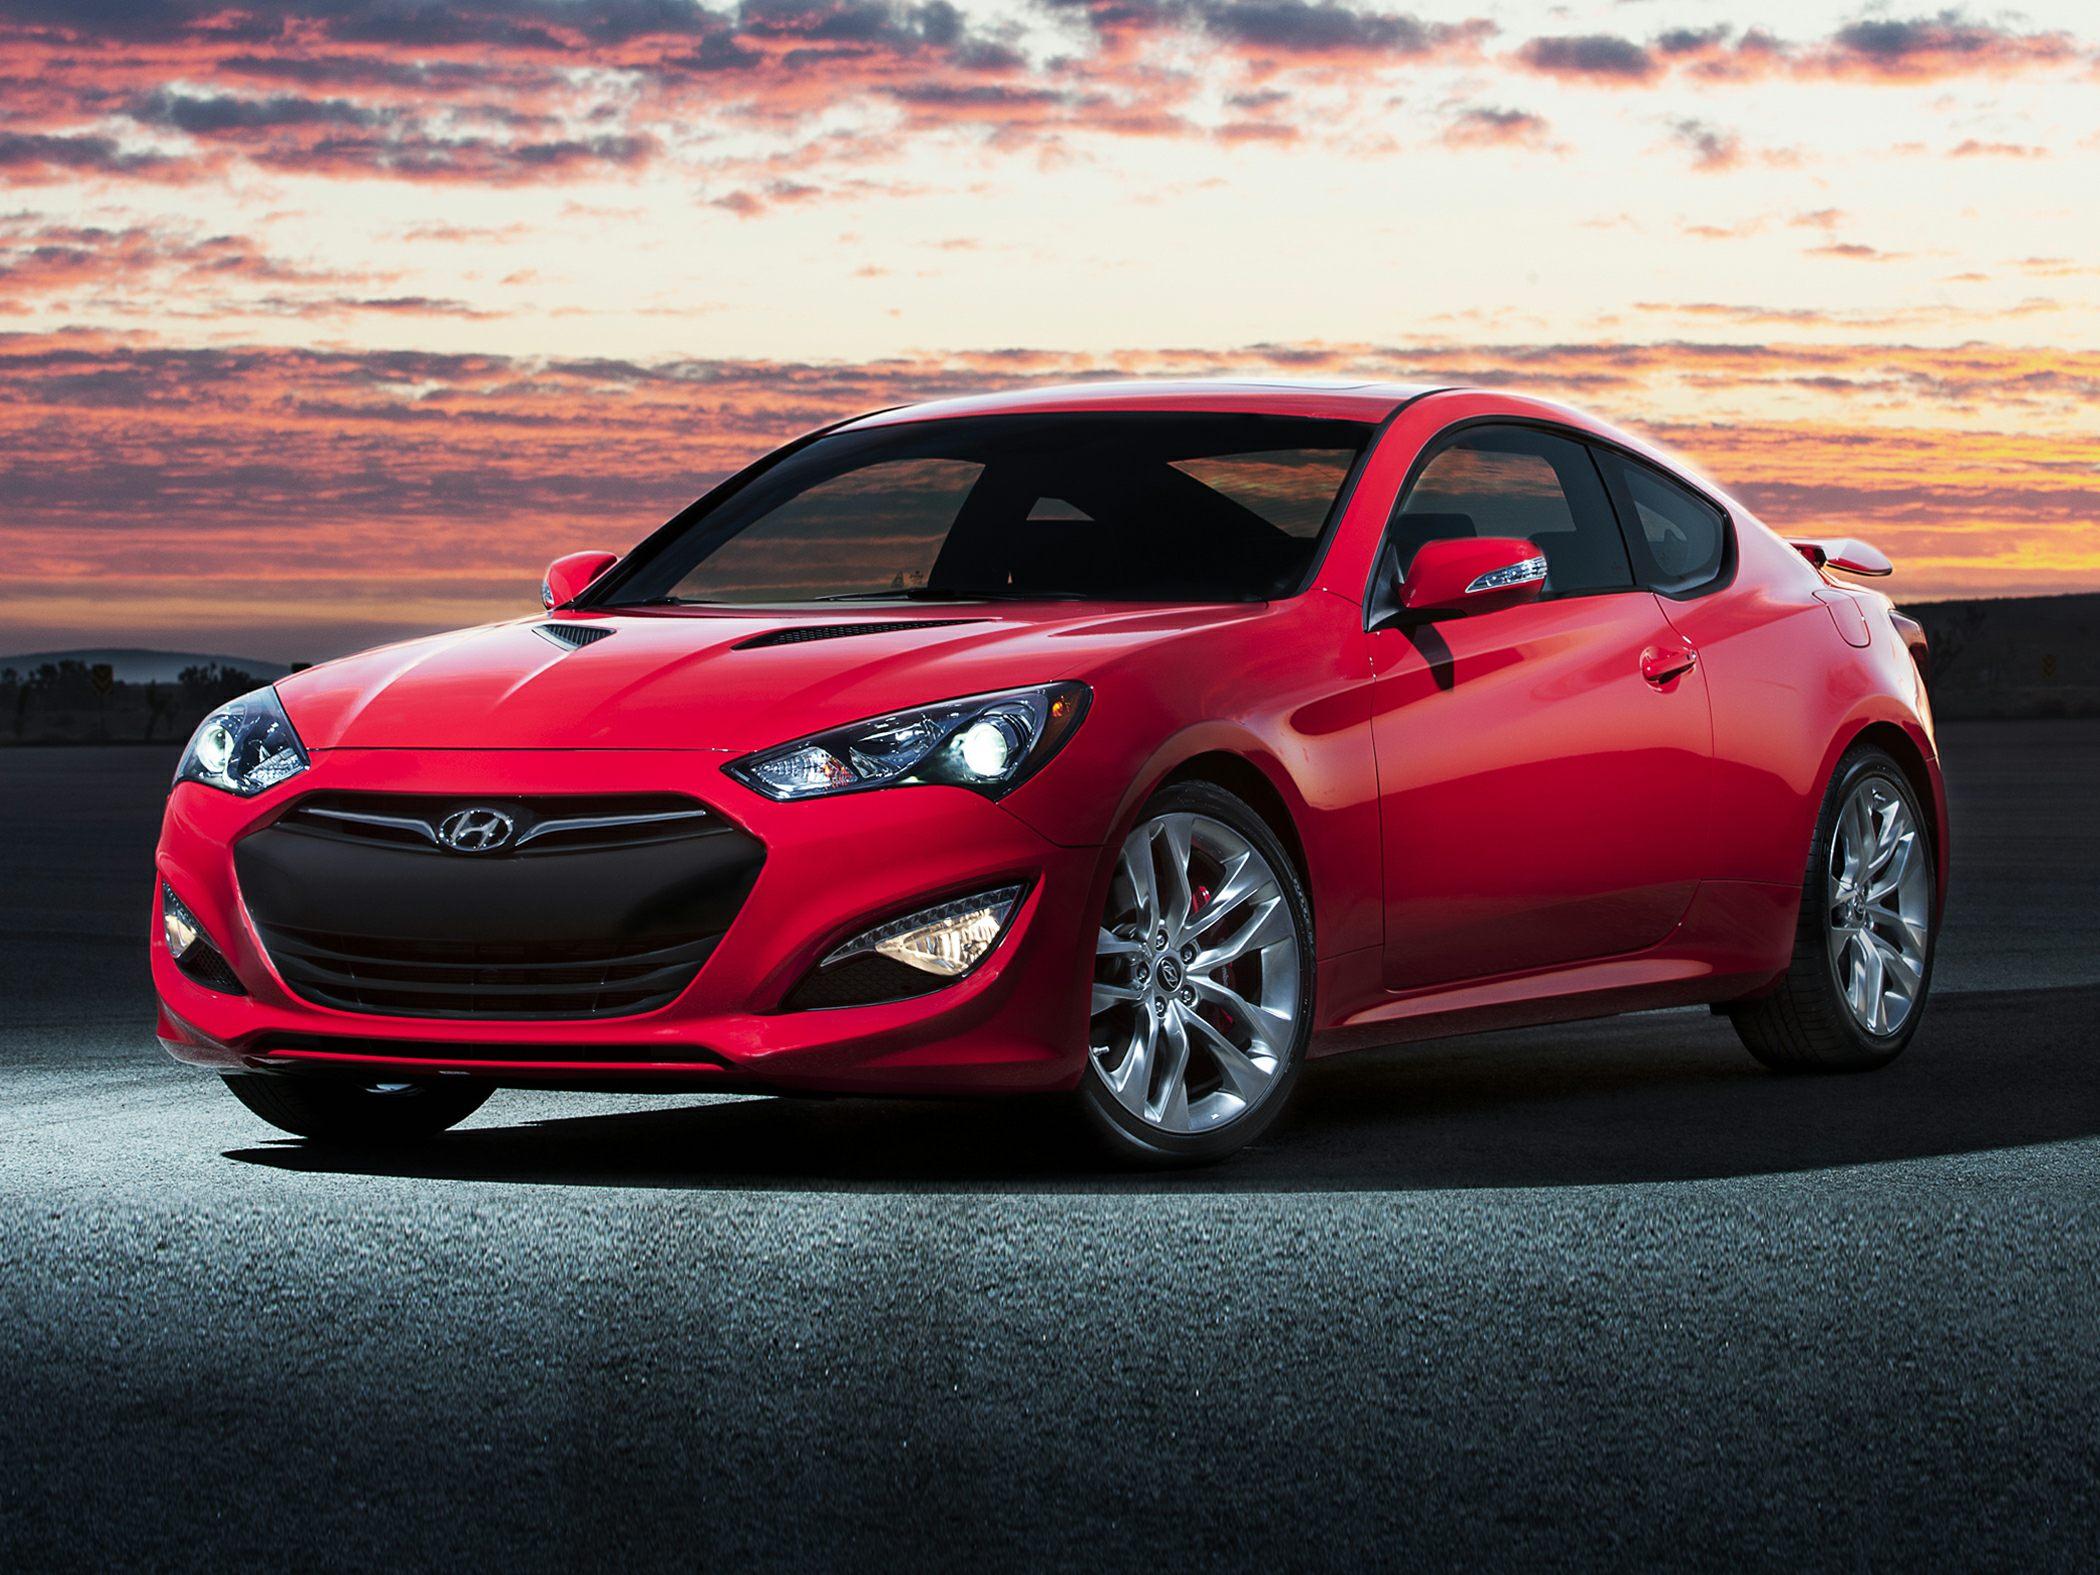 2014 Hyundai Genesis Coupe Glam